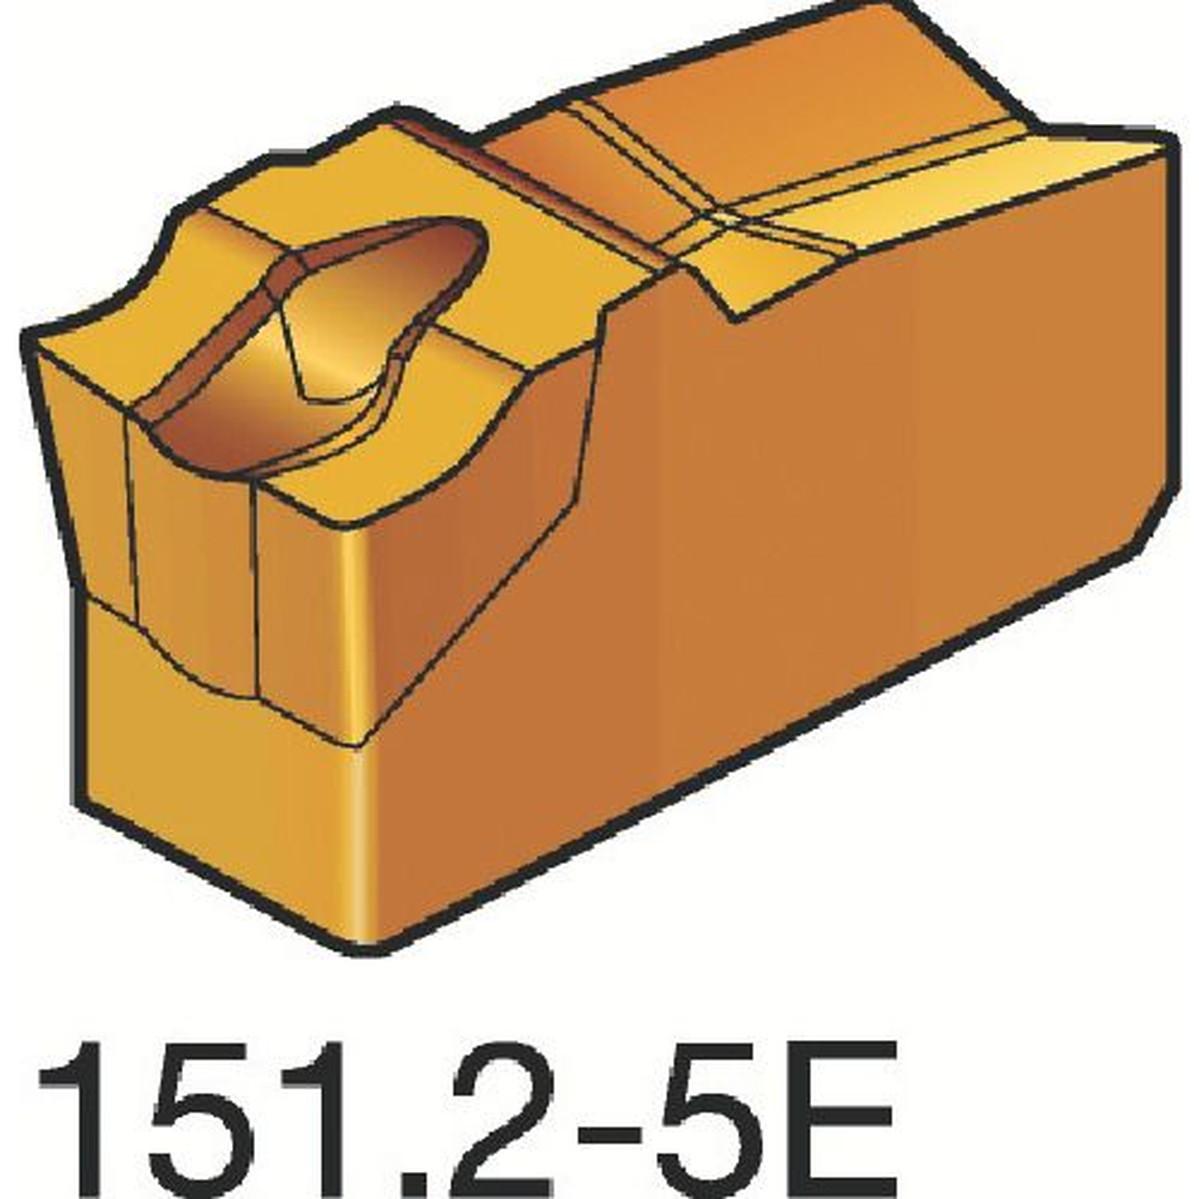 【美品】 サンドビック T-Max Q-カット 突切り Q−カット・溝入れチップ 1145 10個 サンドビック 10個, トロフィーのファーストトロフィー:2b1442c2 --- blacktieclassic.com.au